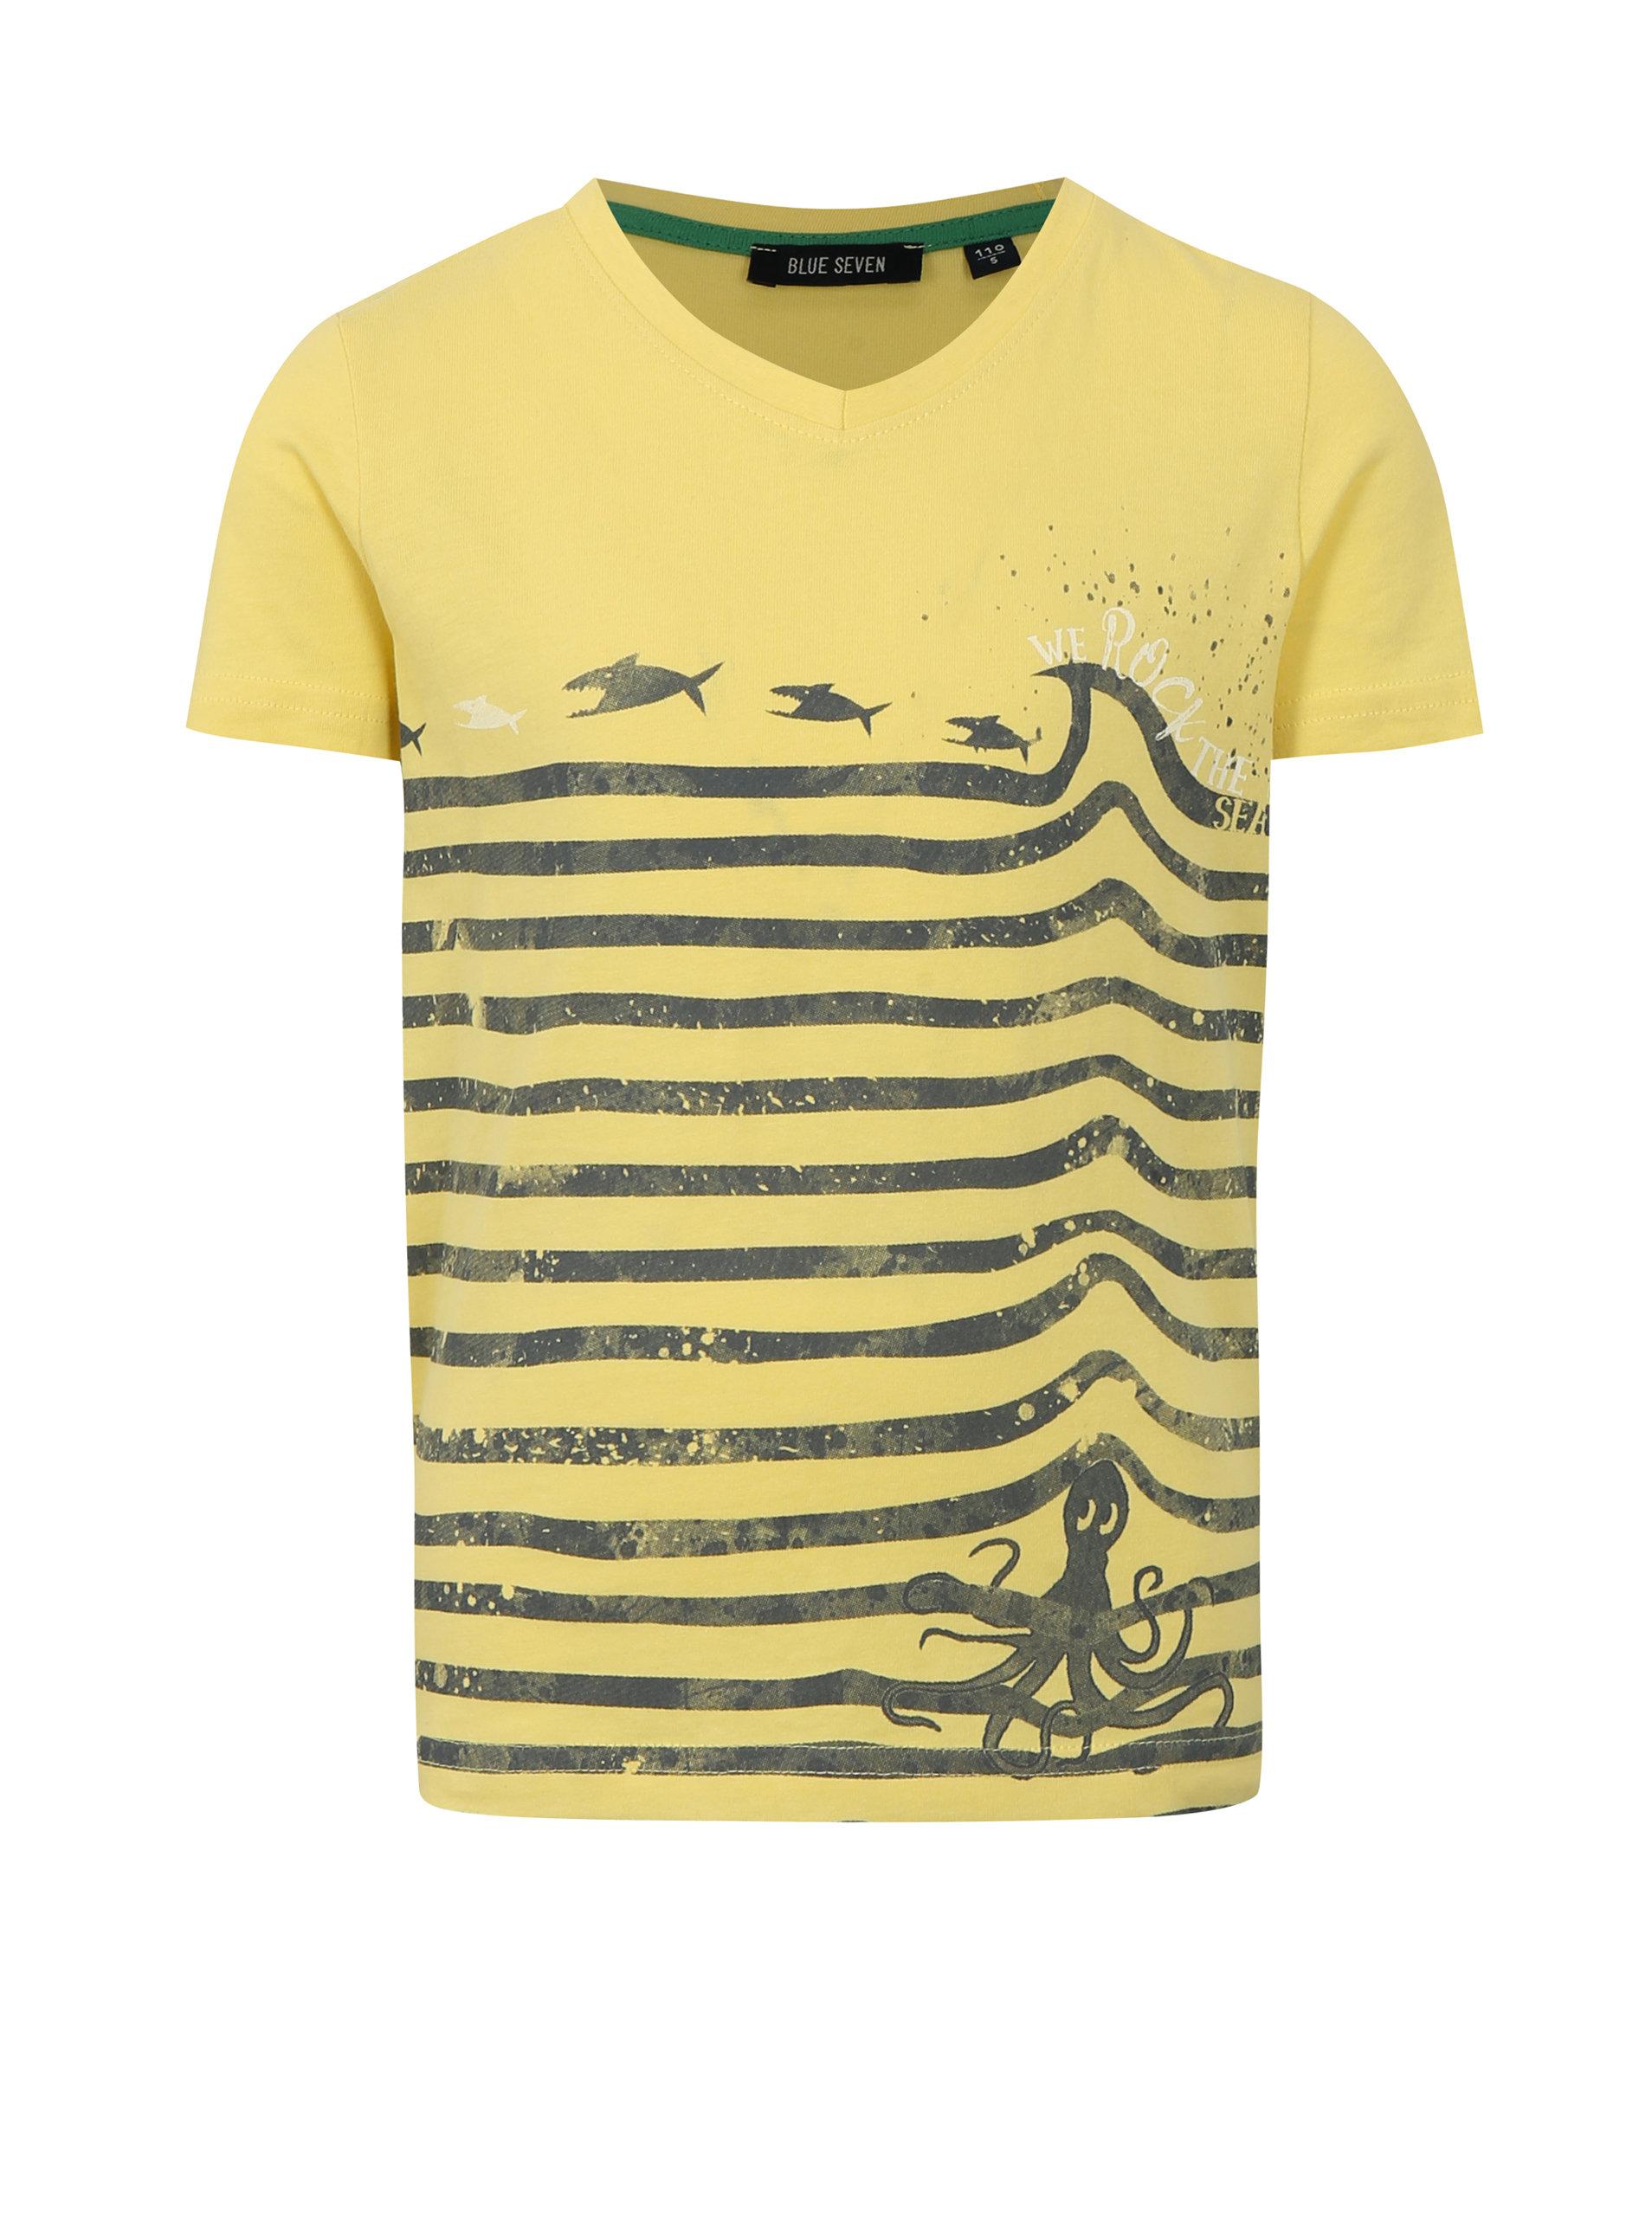 c4bb5bf2ddc5 Žlté chlapčenské tričko s potlačou Blue Seven ...